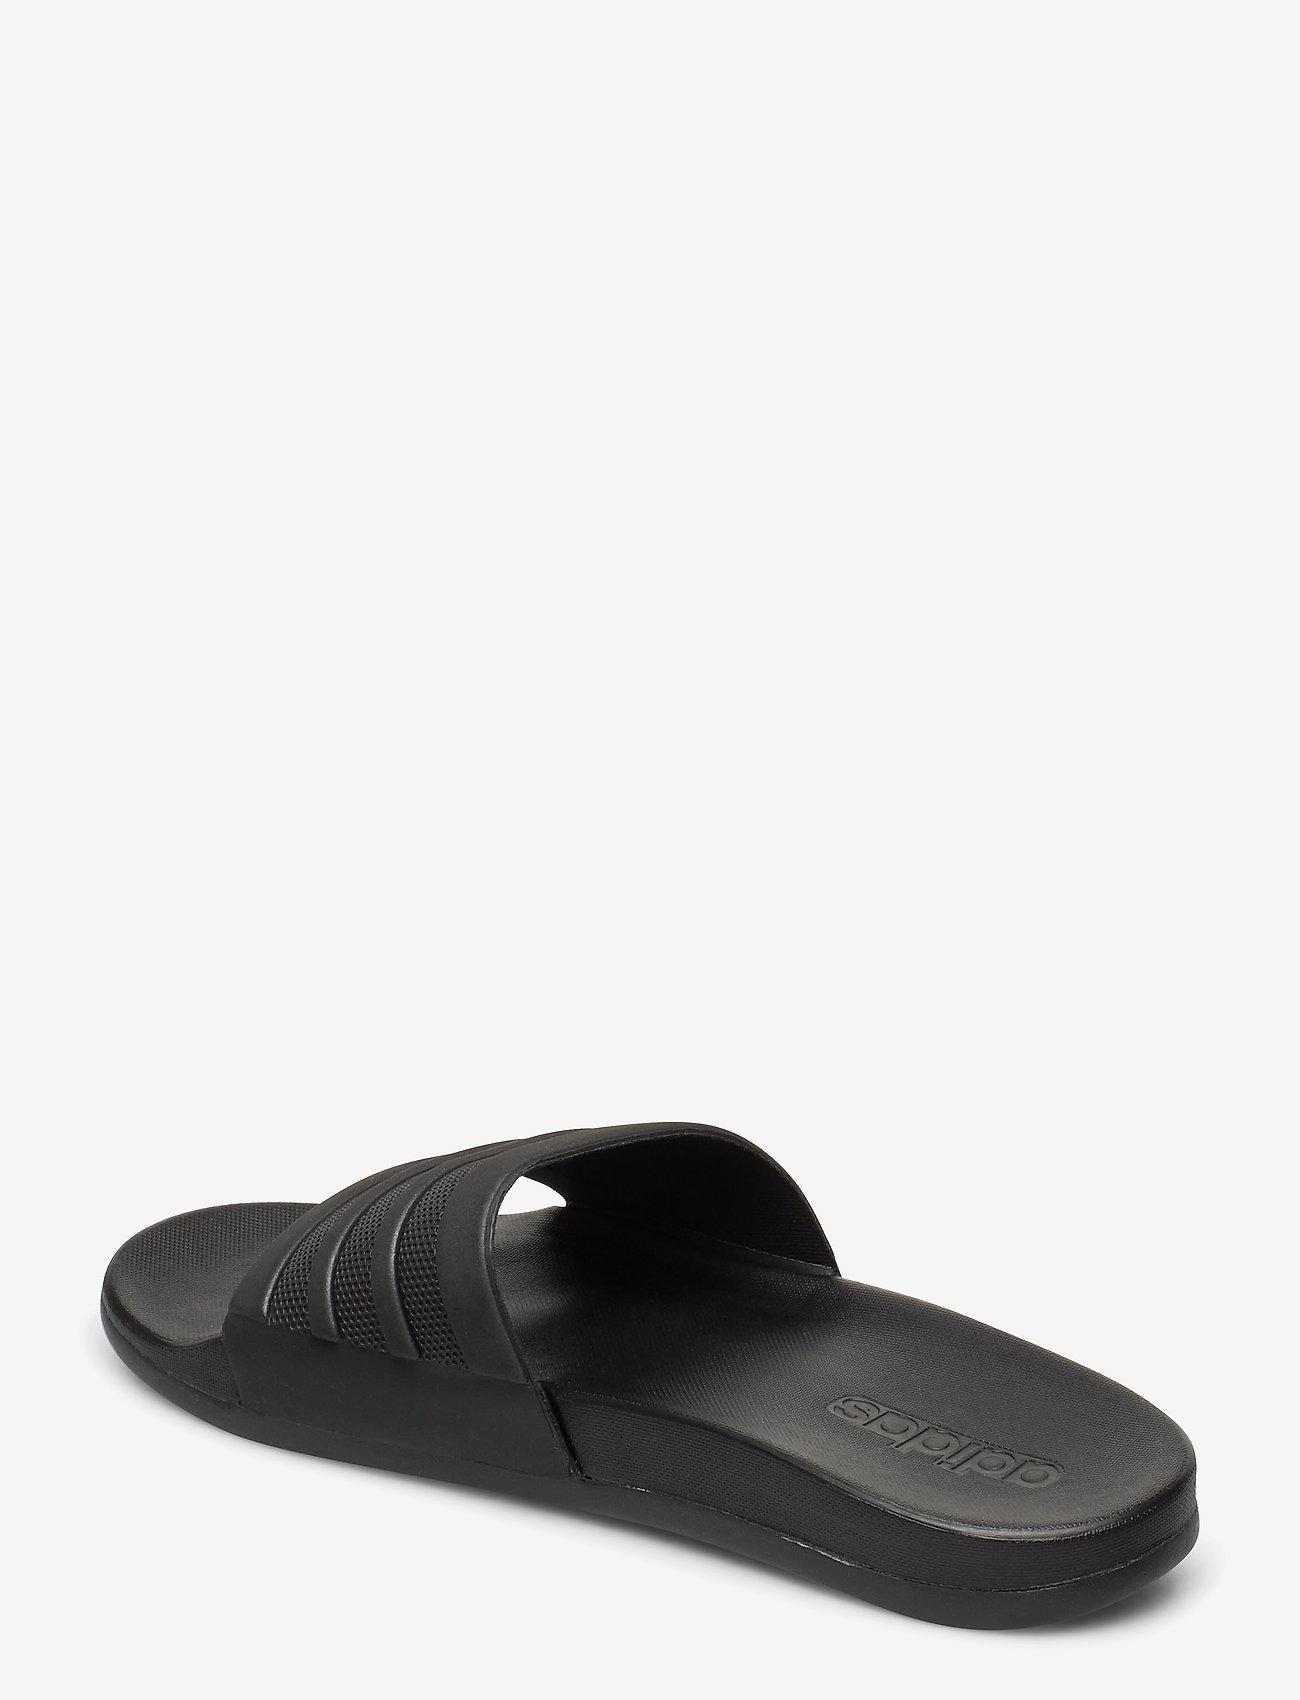 Adilette Comfort (Cblack/cblack/cblack) - adidas Performance Oim87f